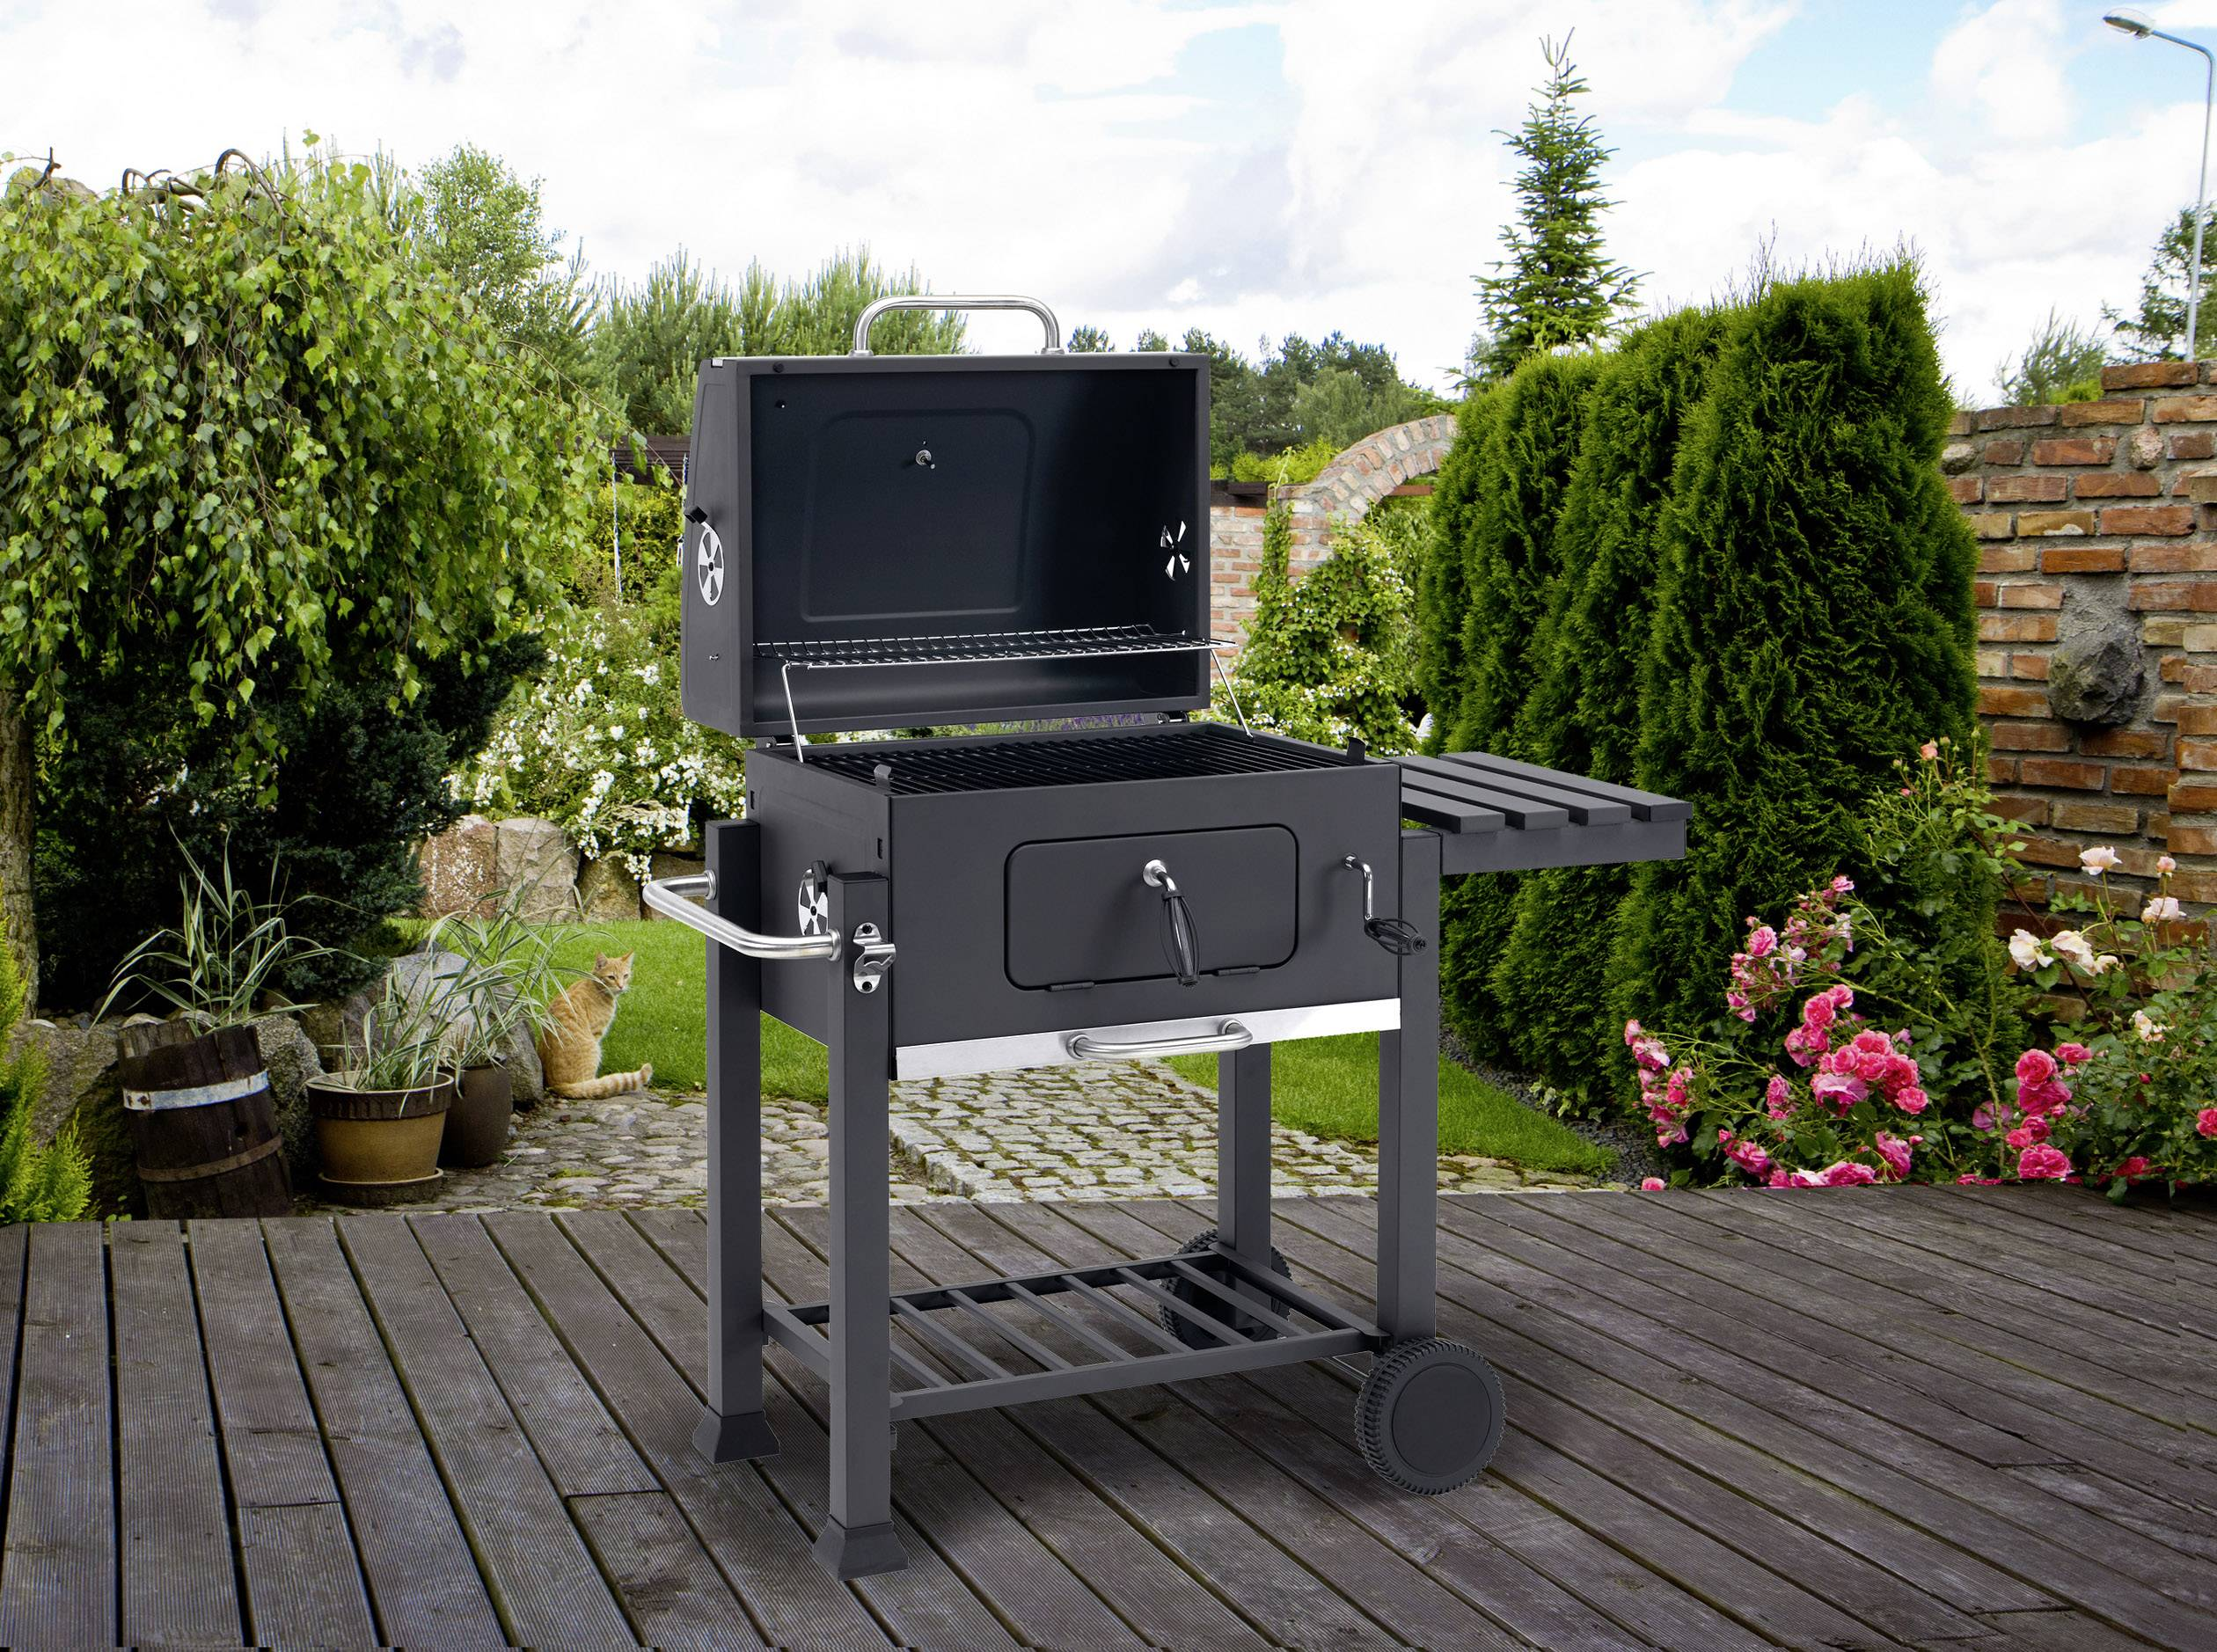 Tepro Toronto Holzkohlegrill Click Test : Tepro toronto holzkohle grillwagen für u ac oder xxl version für